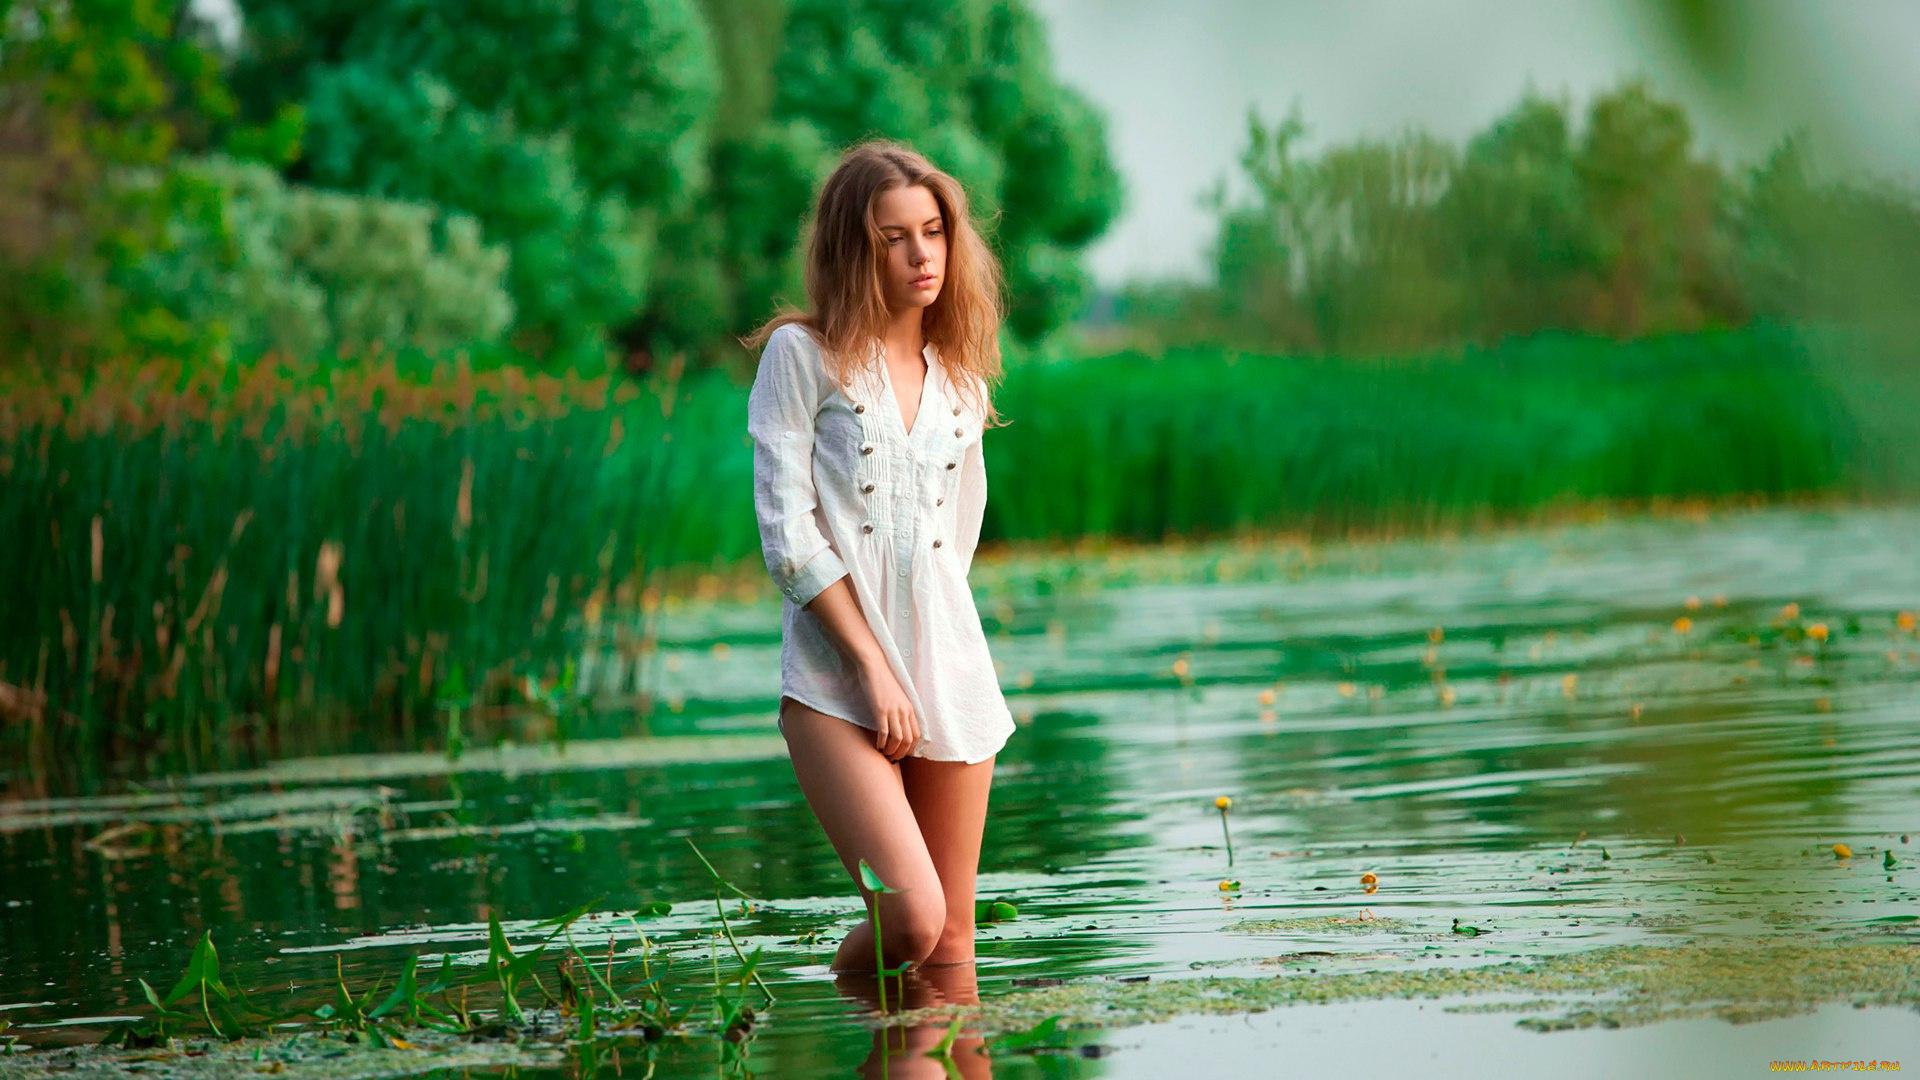 Перевозбужденная голая женщина возле речки  256681